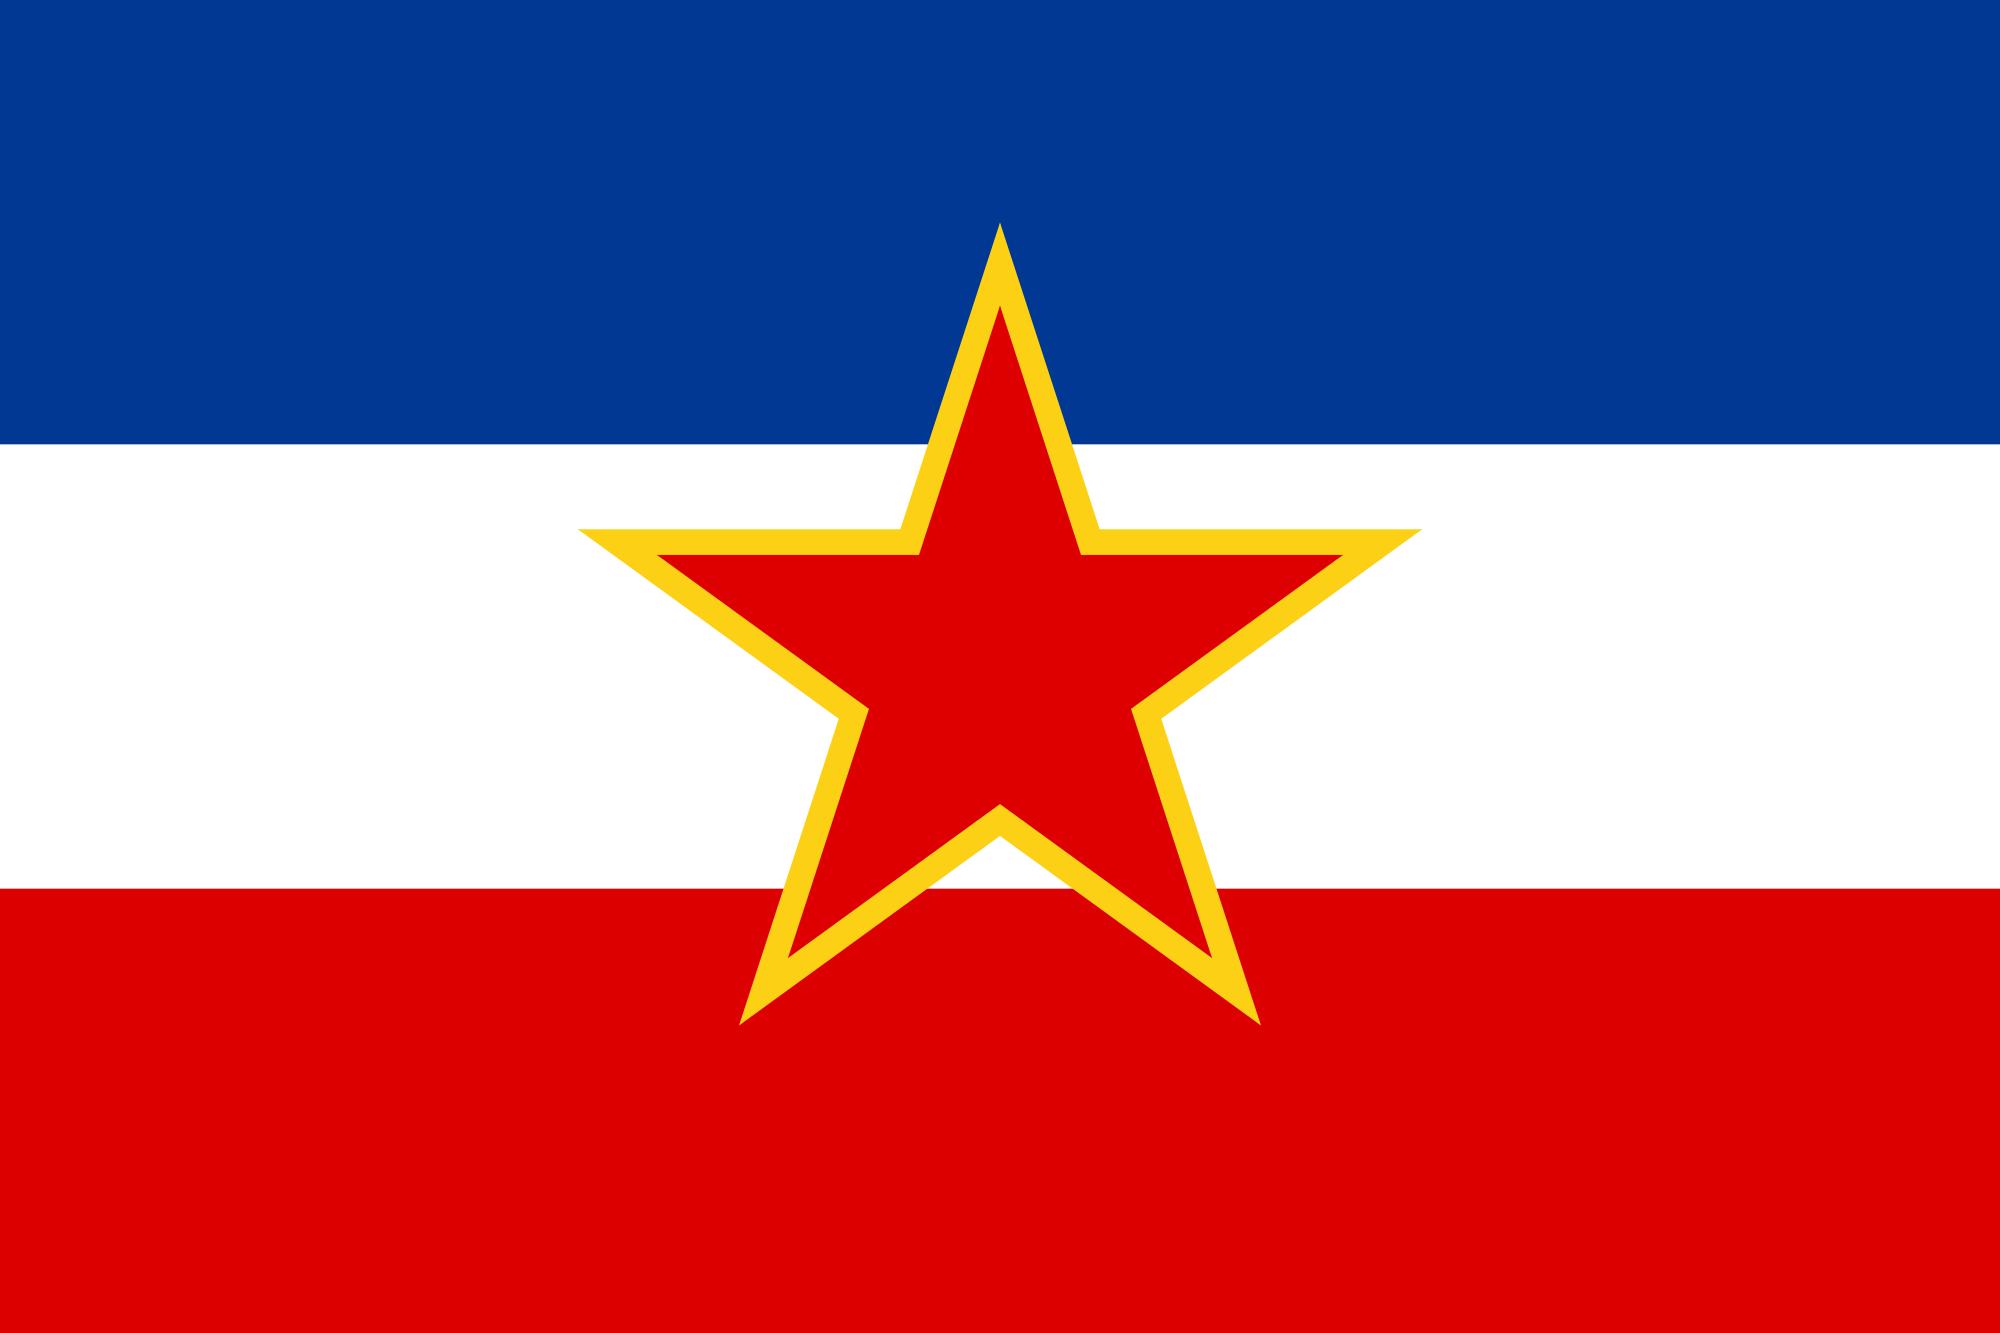 Bandiera Yugoslavia